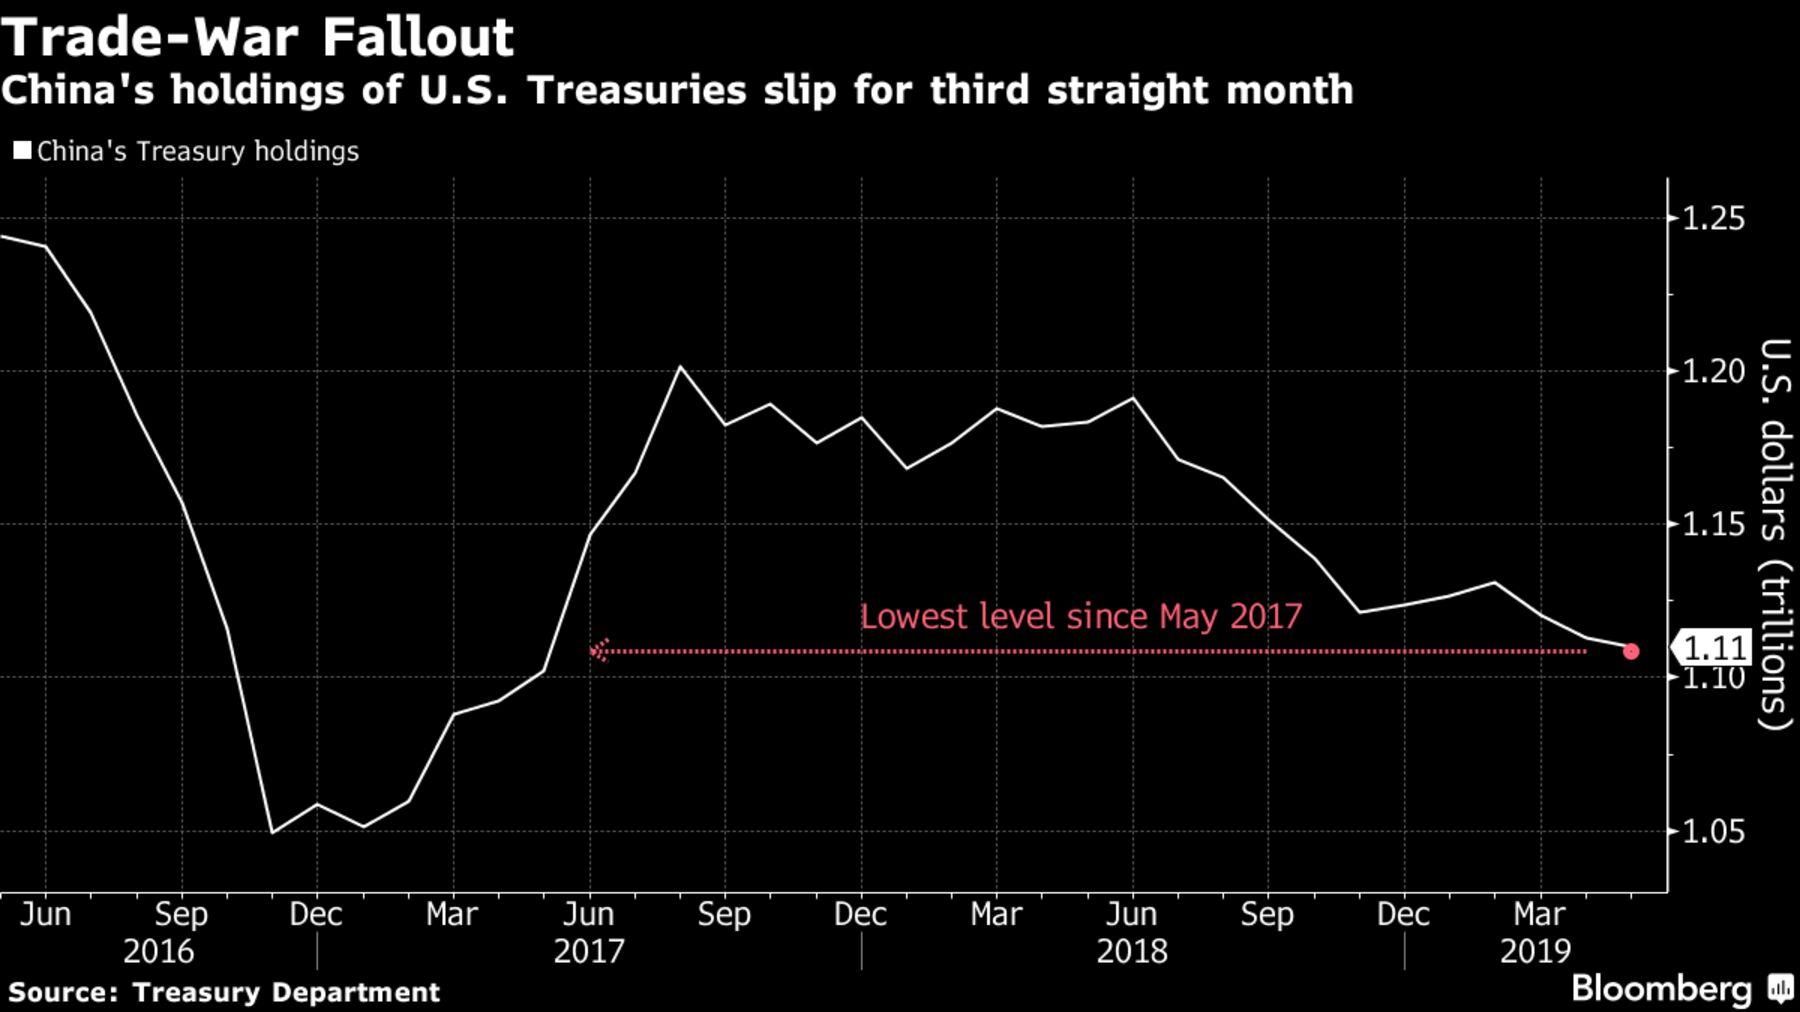 【米中貿易摩擦】中国の次の一手は保有米国債の大量売却か、人民元急落容認で現実味